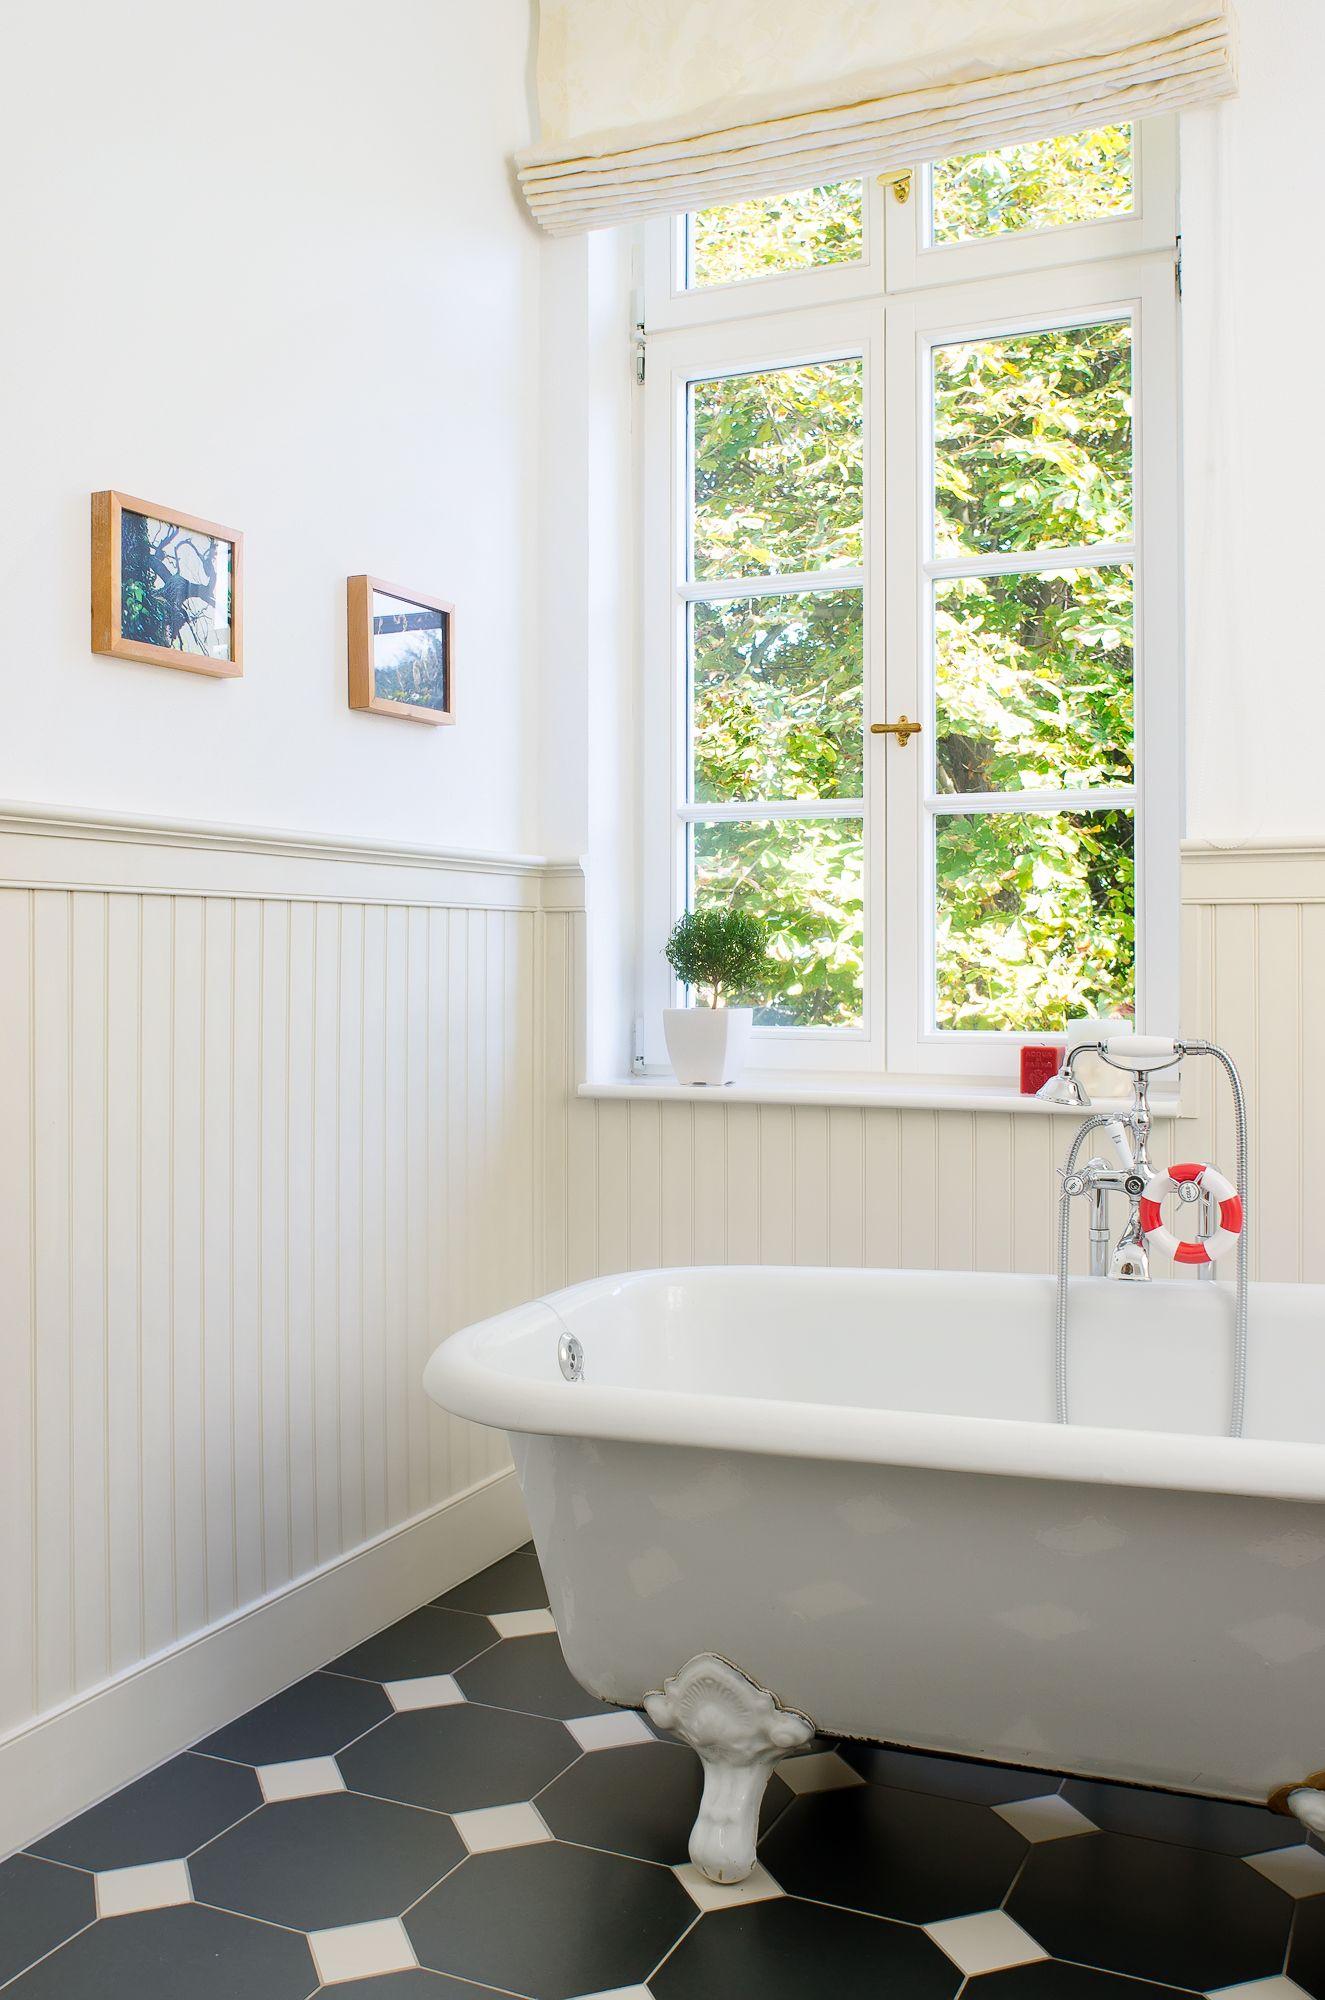 #Wandgestaltung #Schwedenhaus #Holzhaus #Schwedenstil #Holzpaneele  #Profilbretter